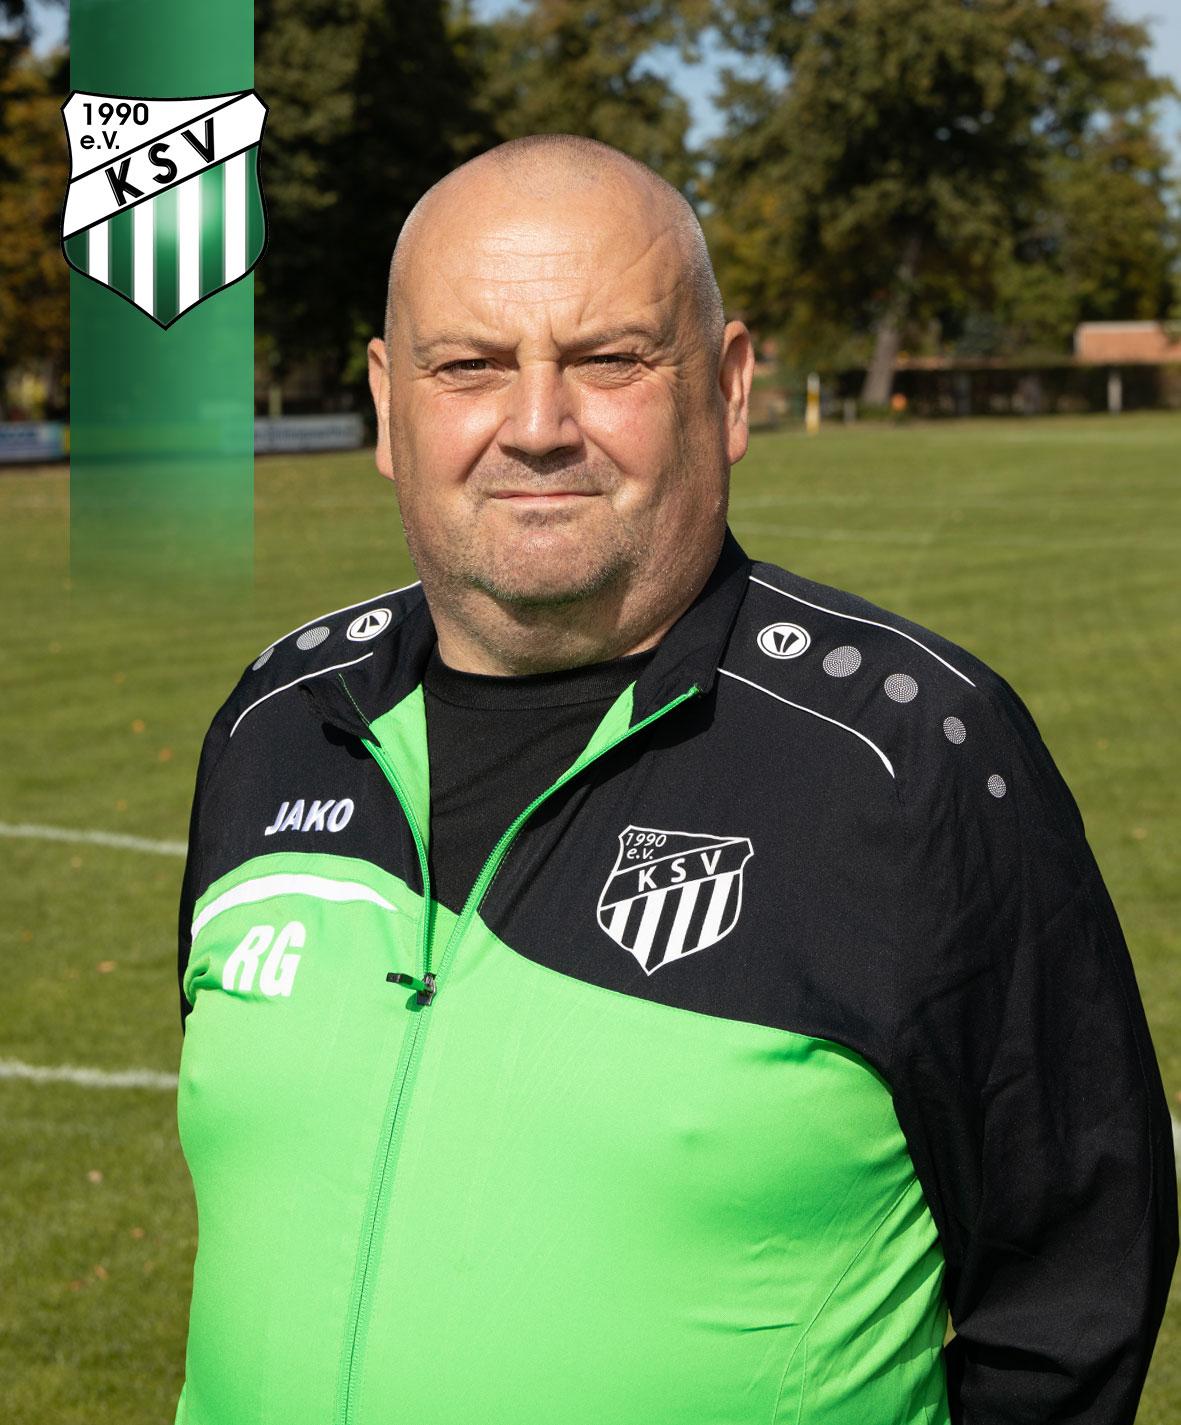 Ronny Ziesch